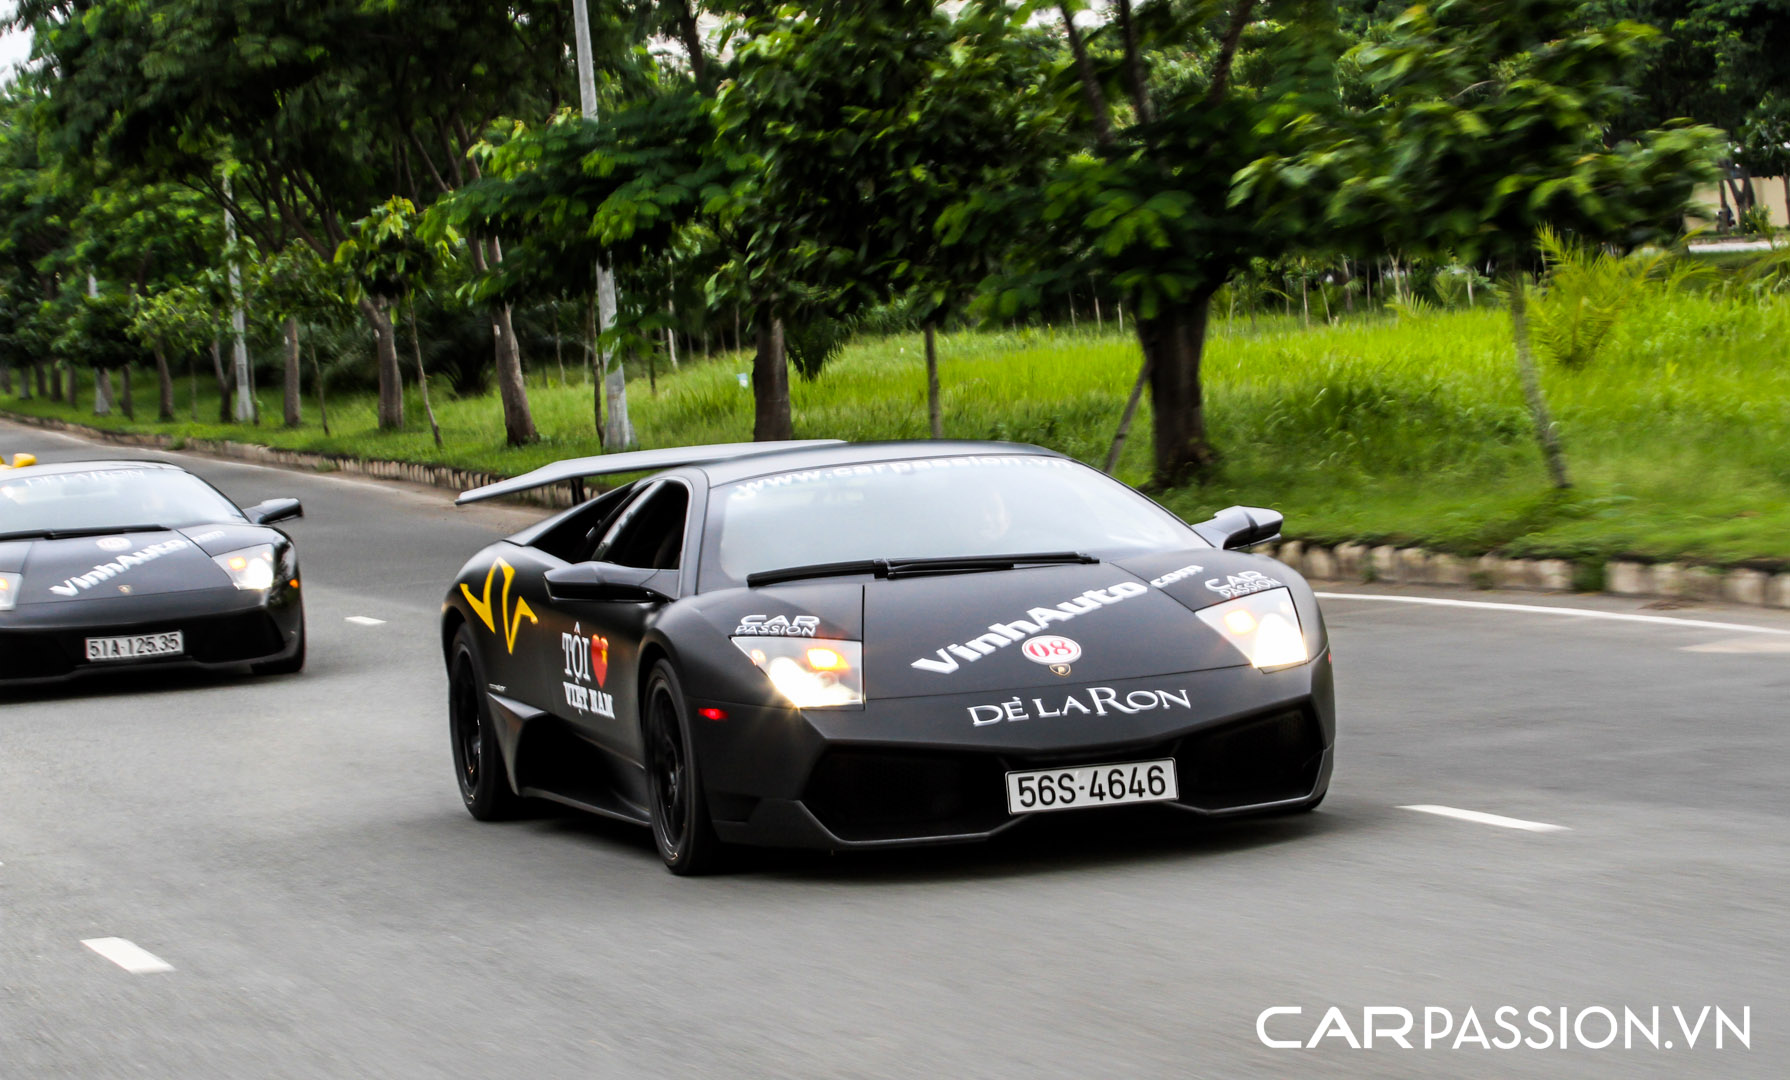 CP-Hành trình siêu xe CarPassion 2011 (11).jpg